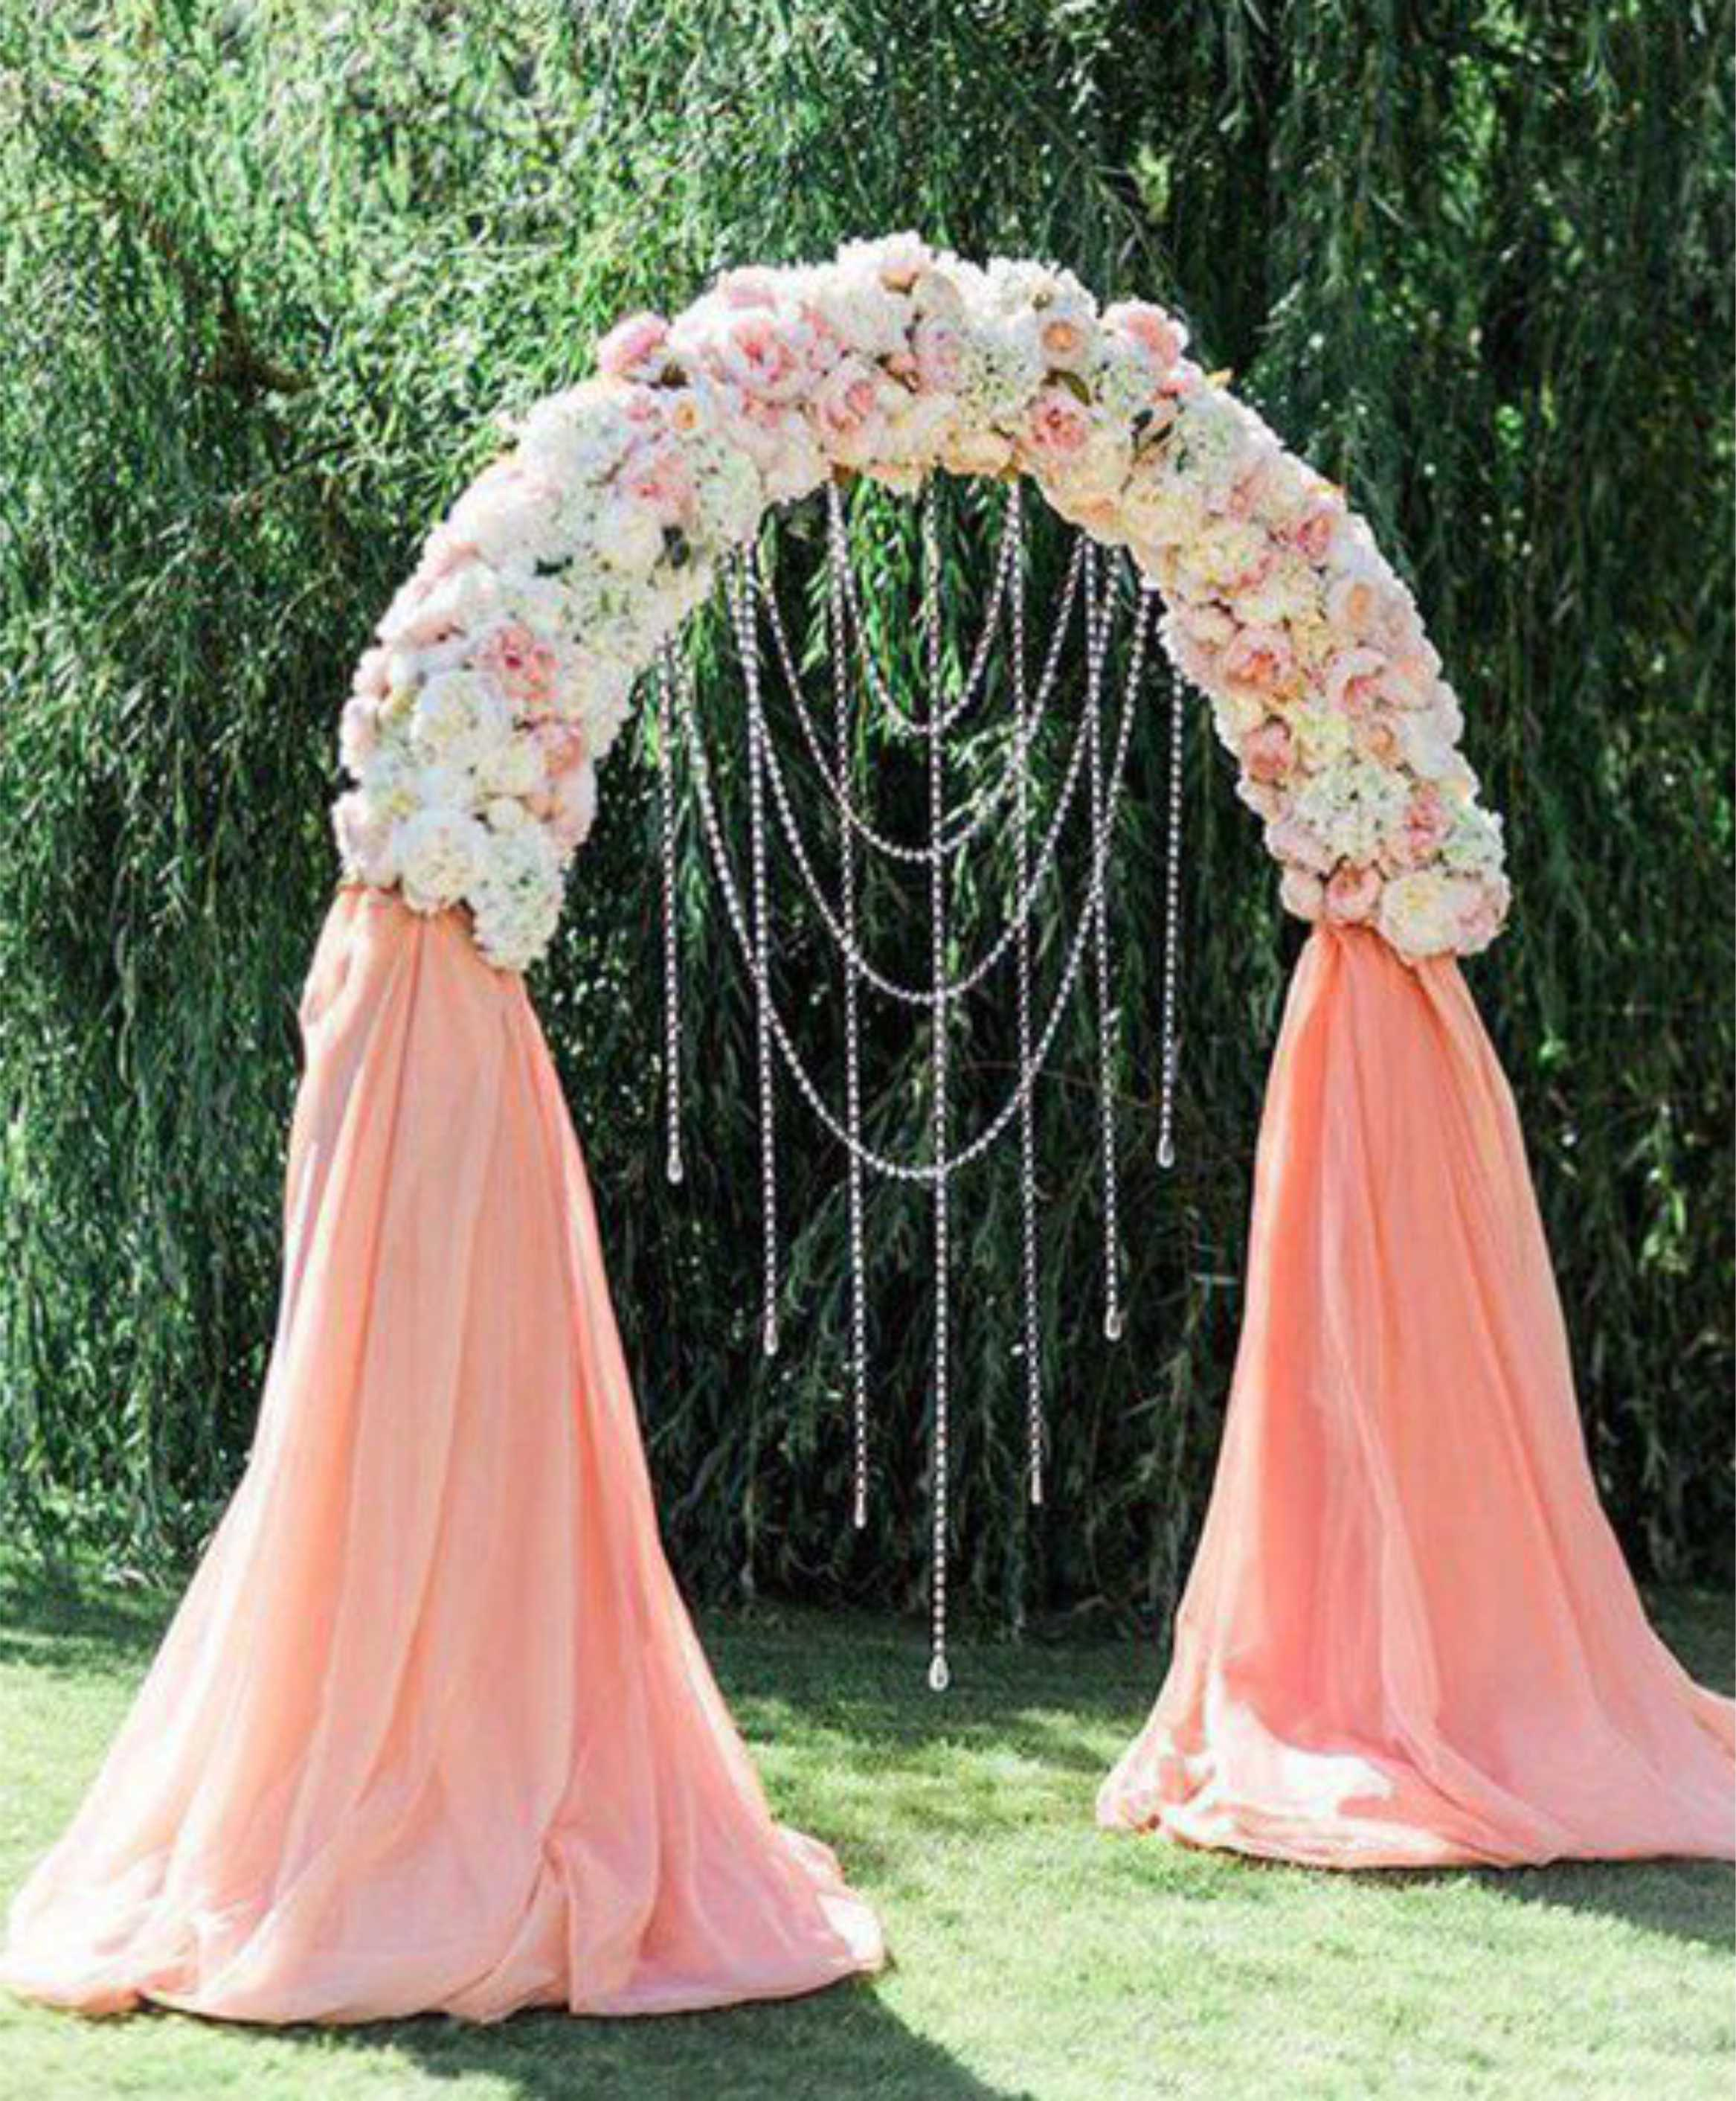 Сватбена арка Класик. Цена за наем на конструкция с бели воали: 80 лв